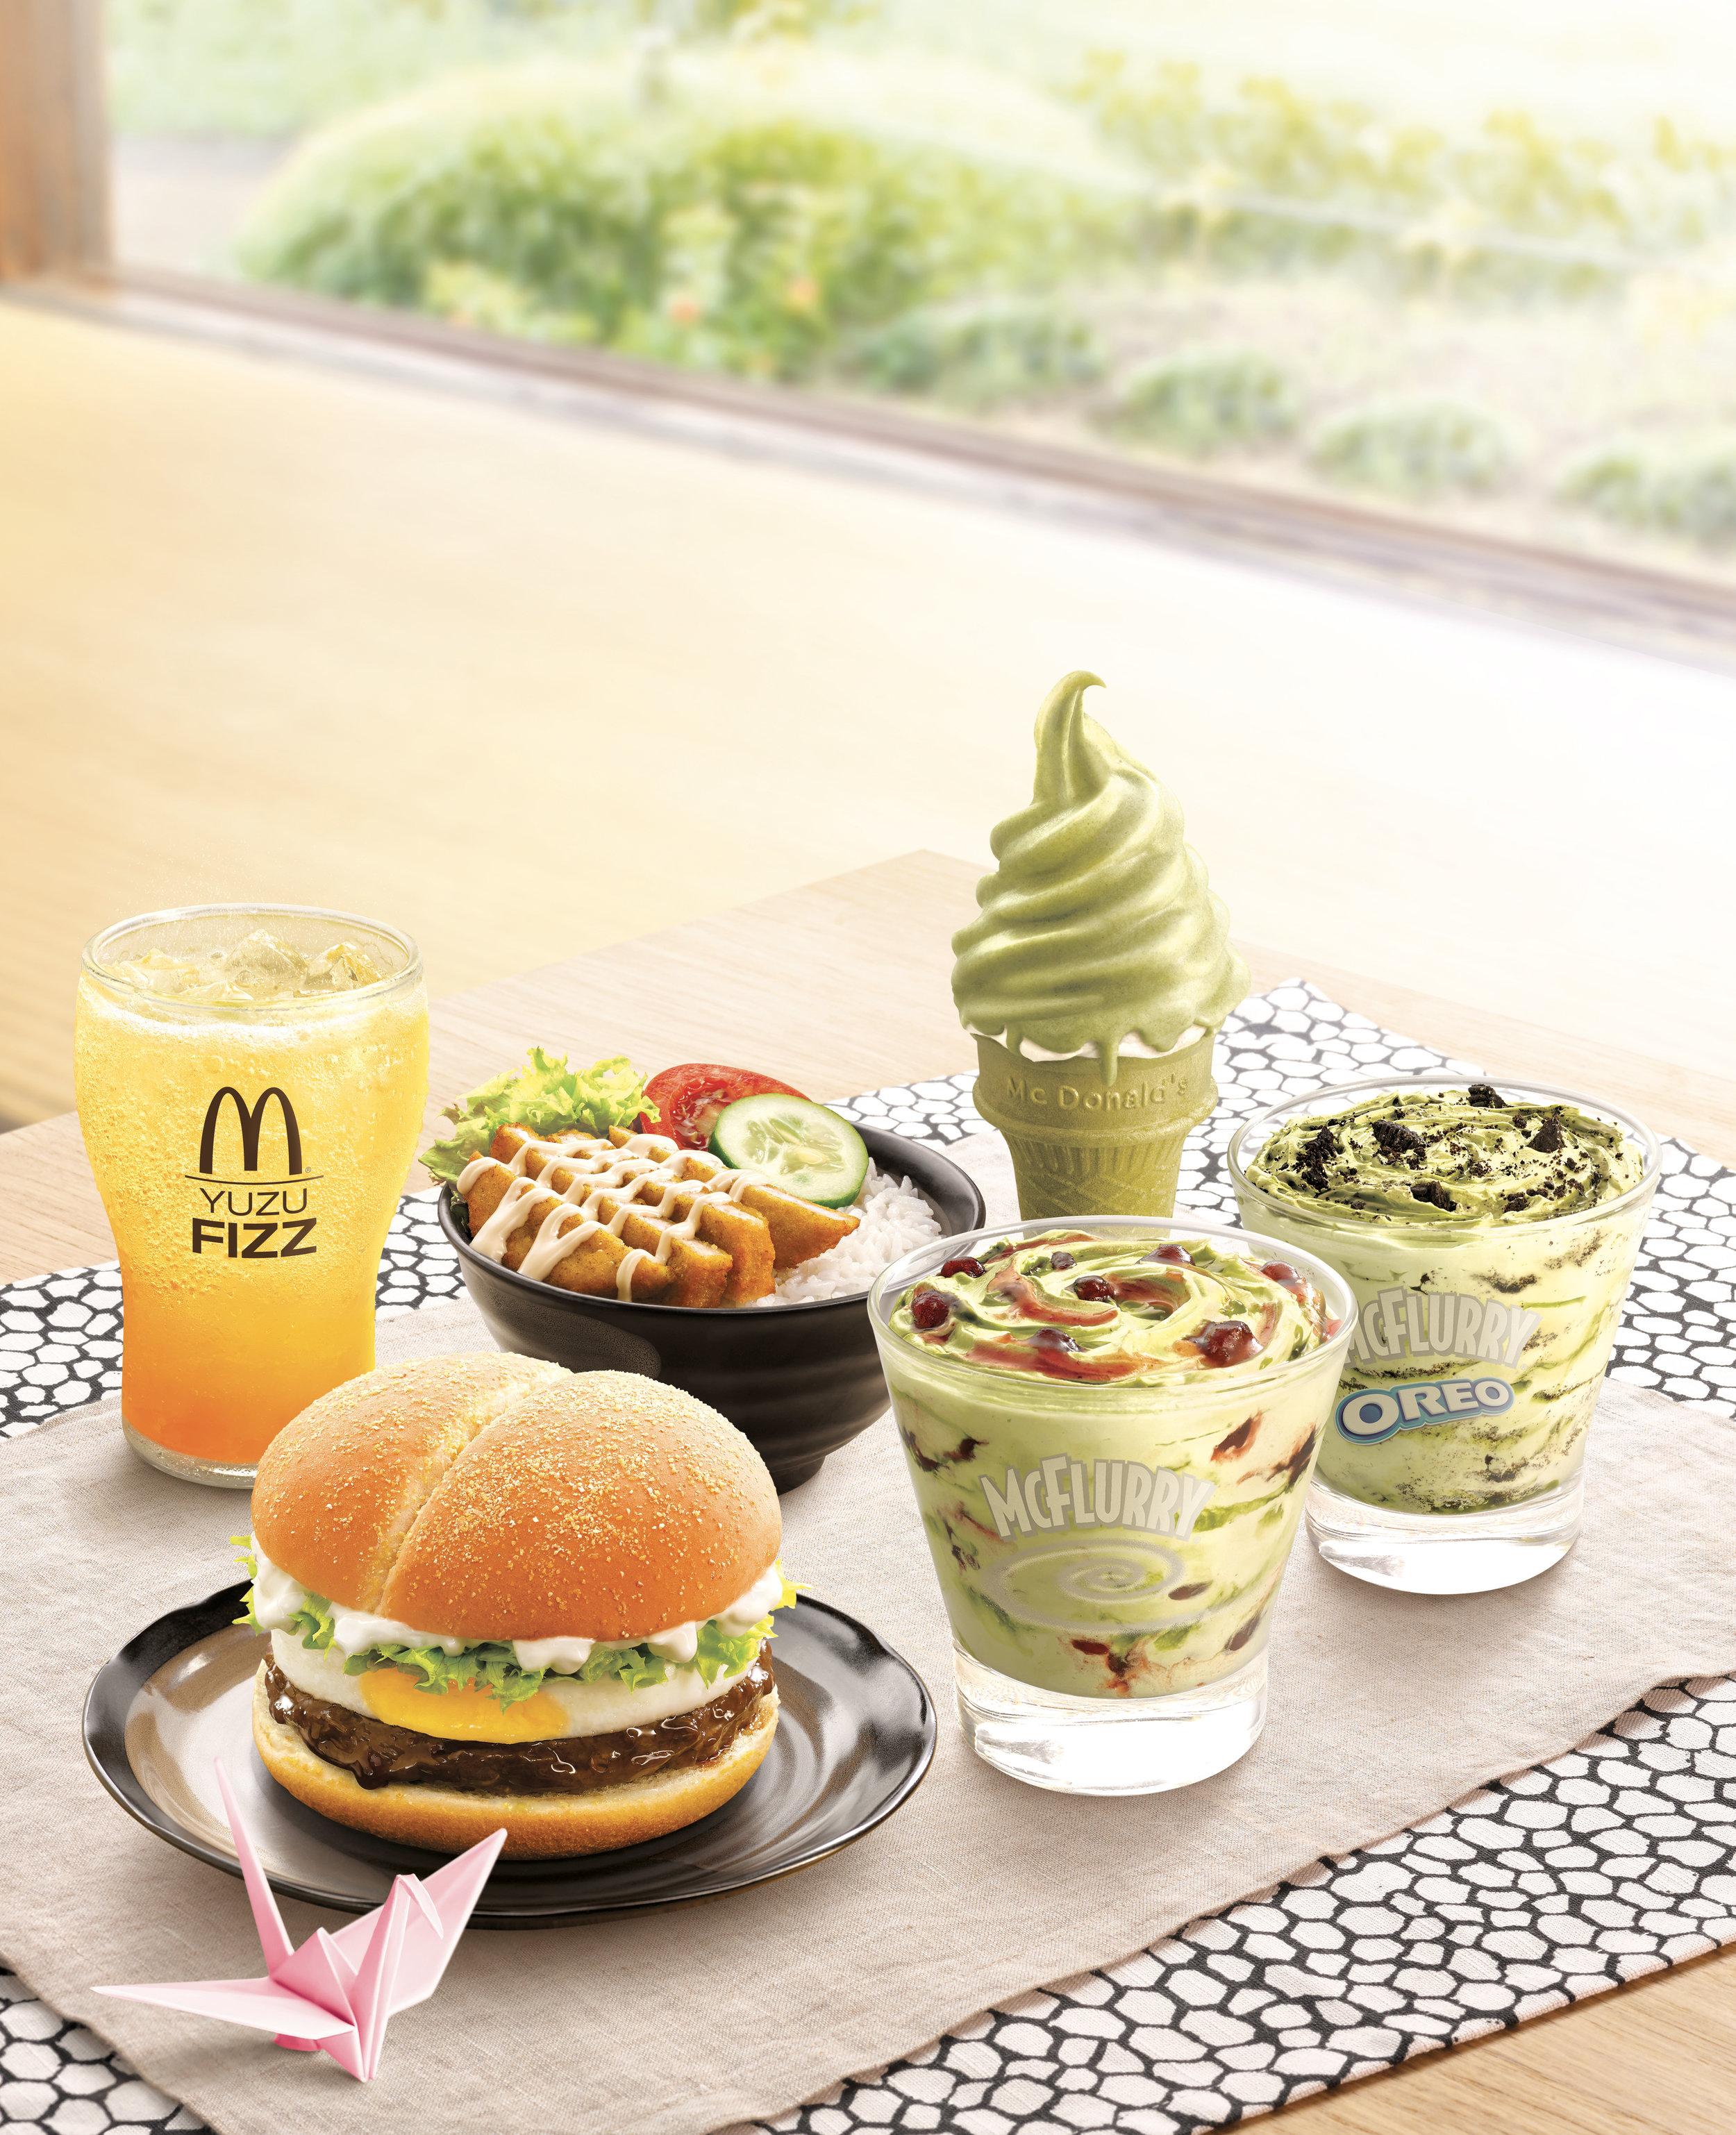 Mcdonalds Taste of Japan (Main)_CROP.jpg